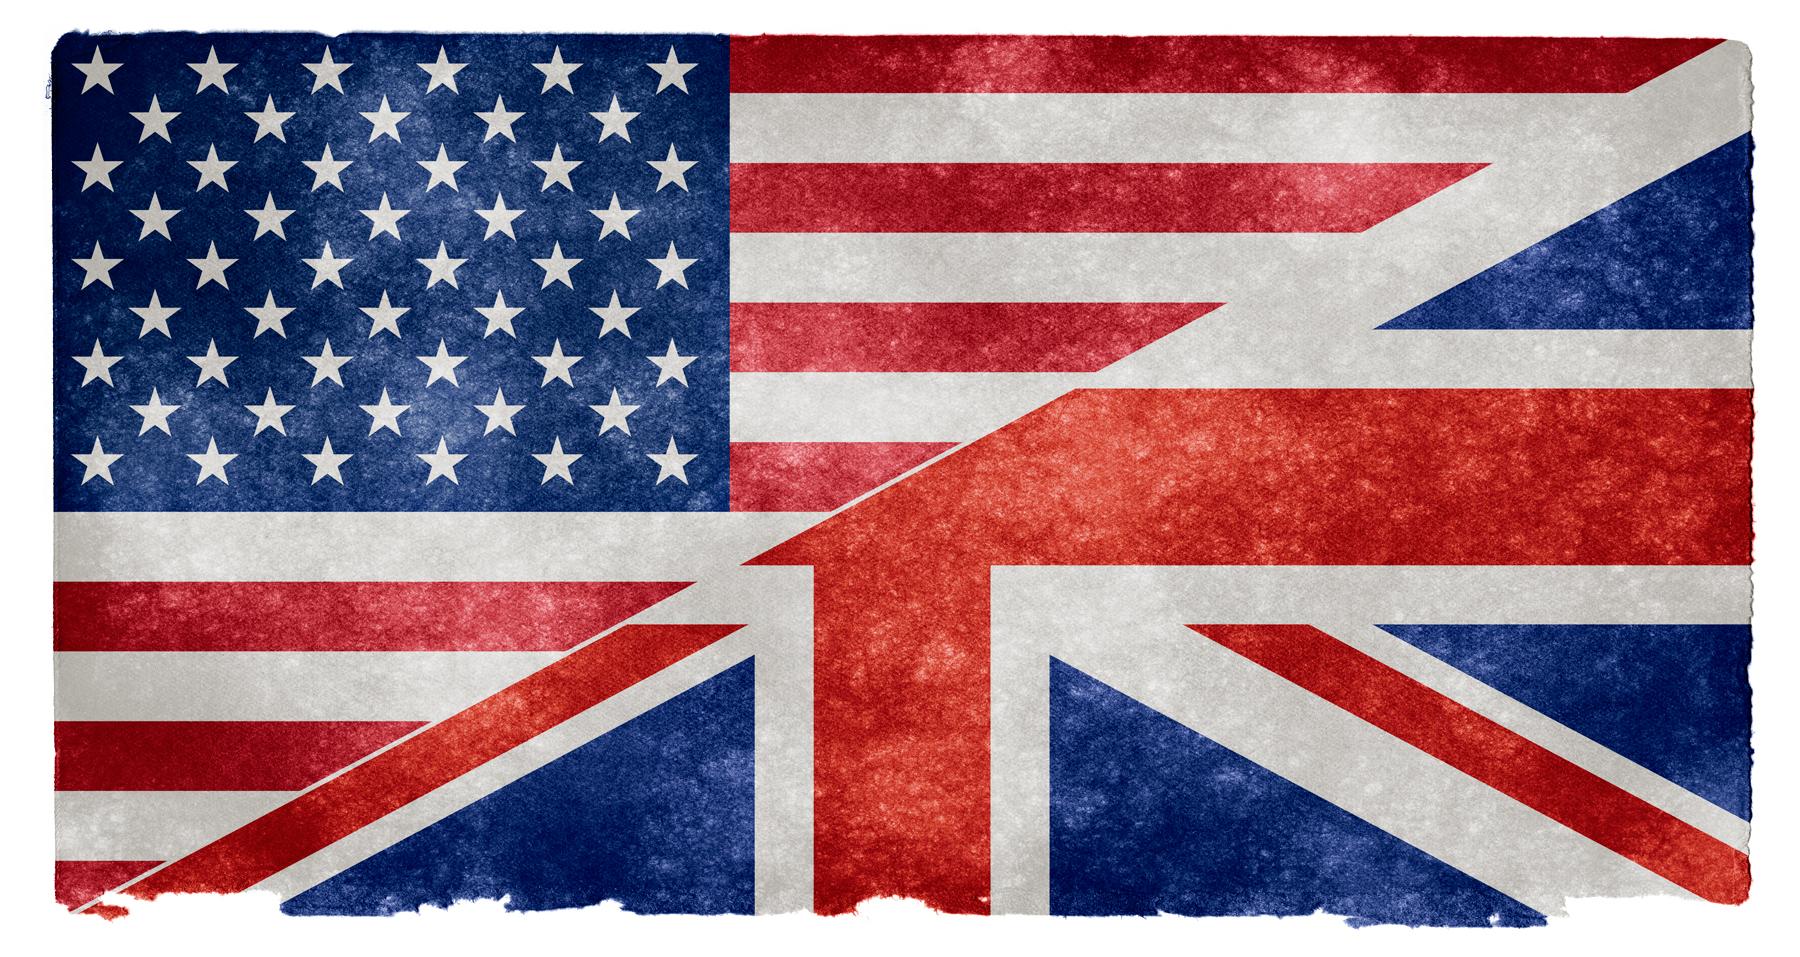 English language grunge flag photo